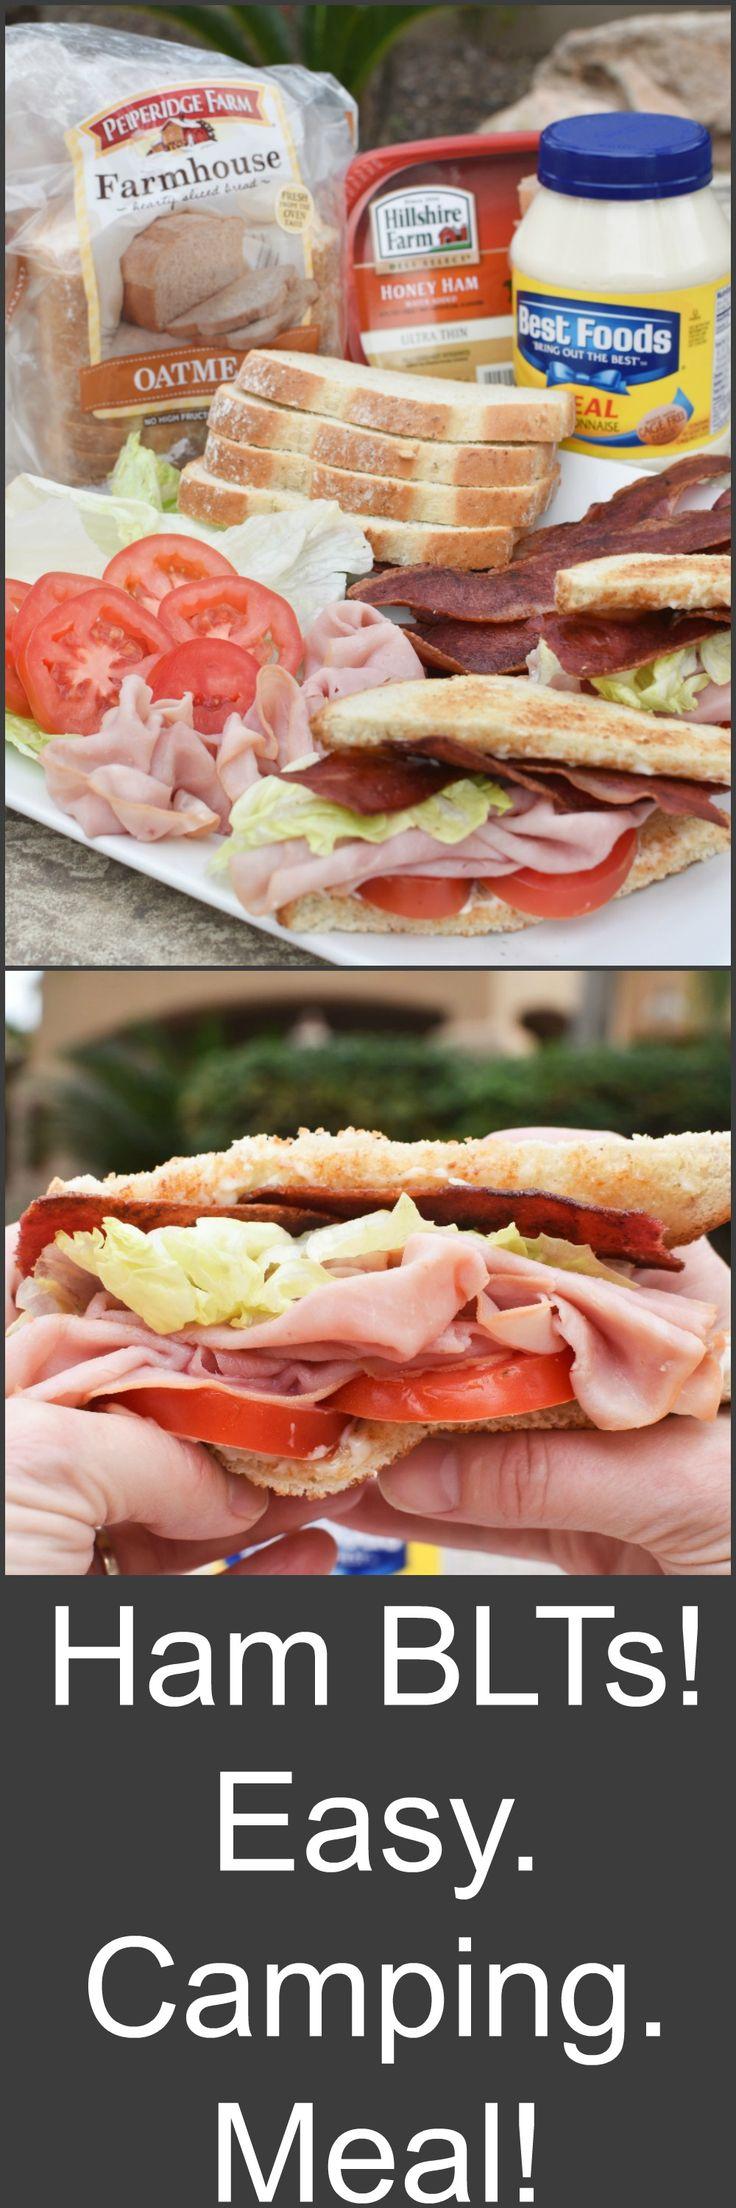 White apron sandwiches dc menu - Blt